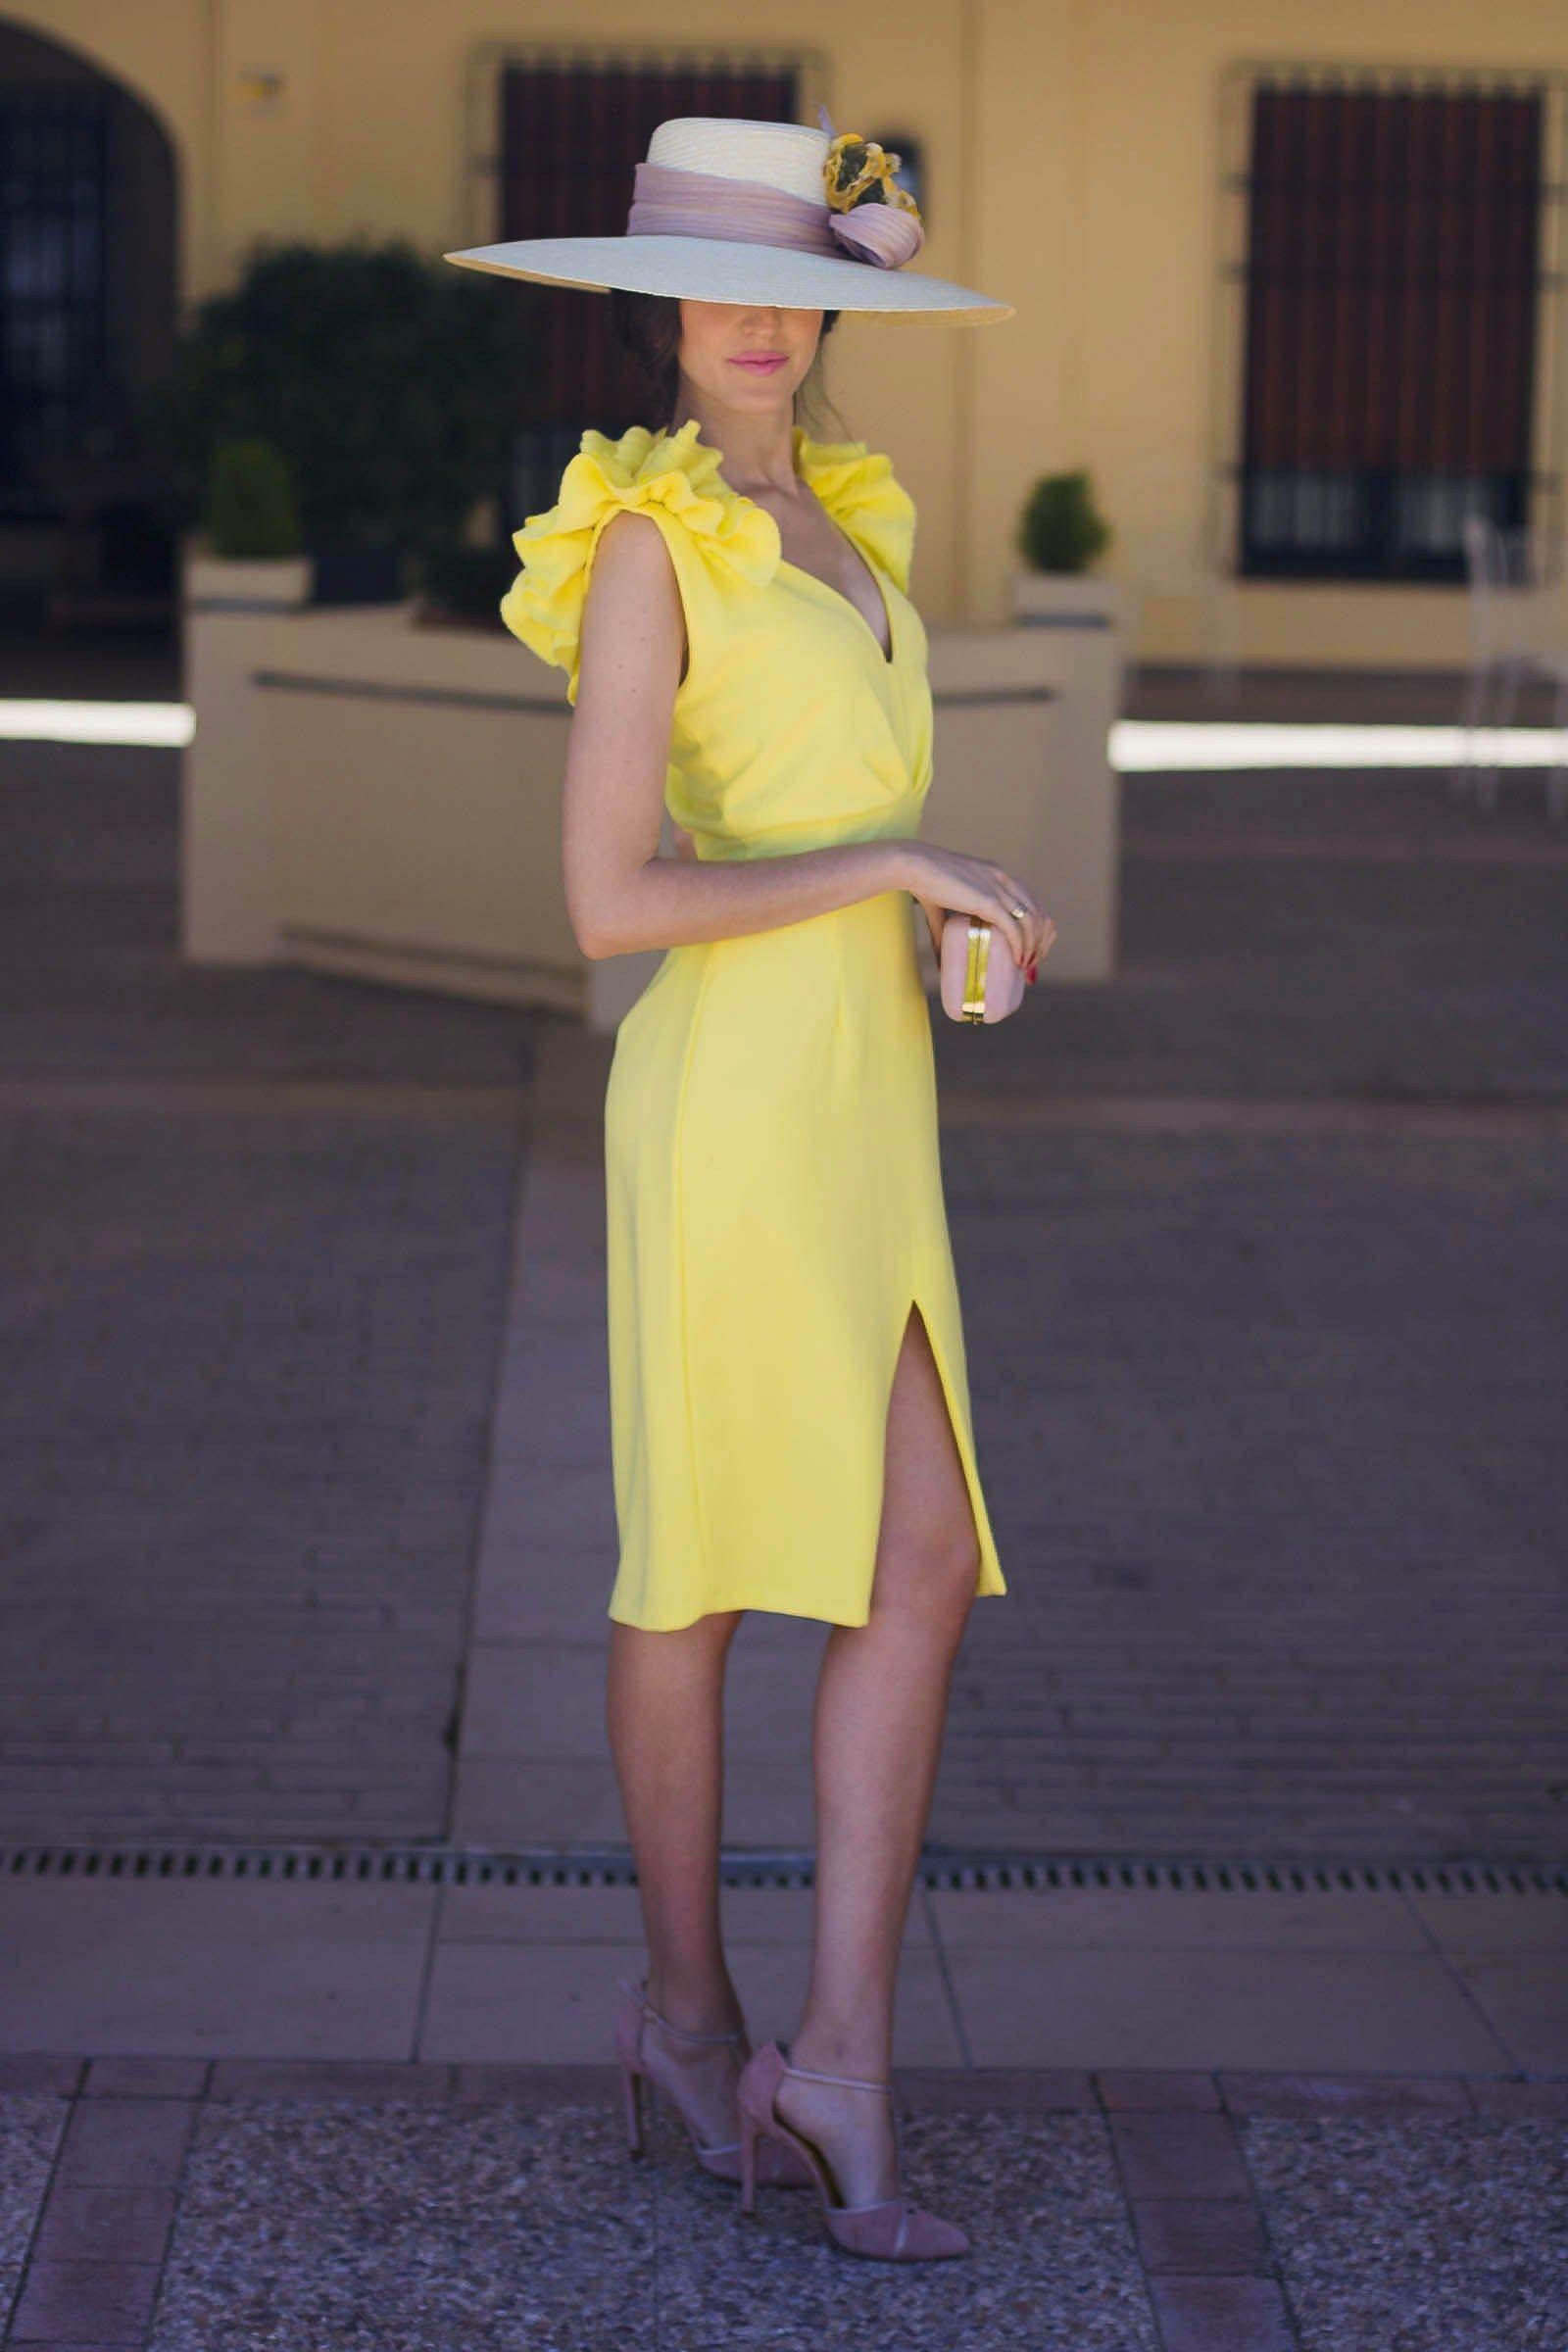 Vestido amarillo boda dia tocado   Proyectos que intentar   Pinterest